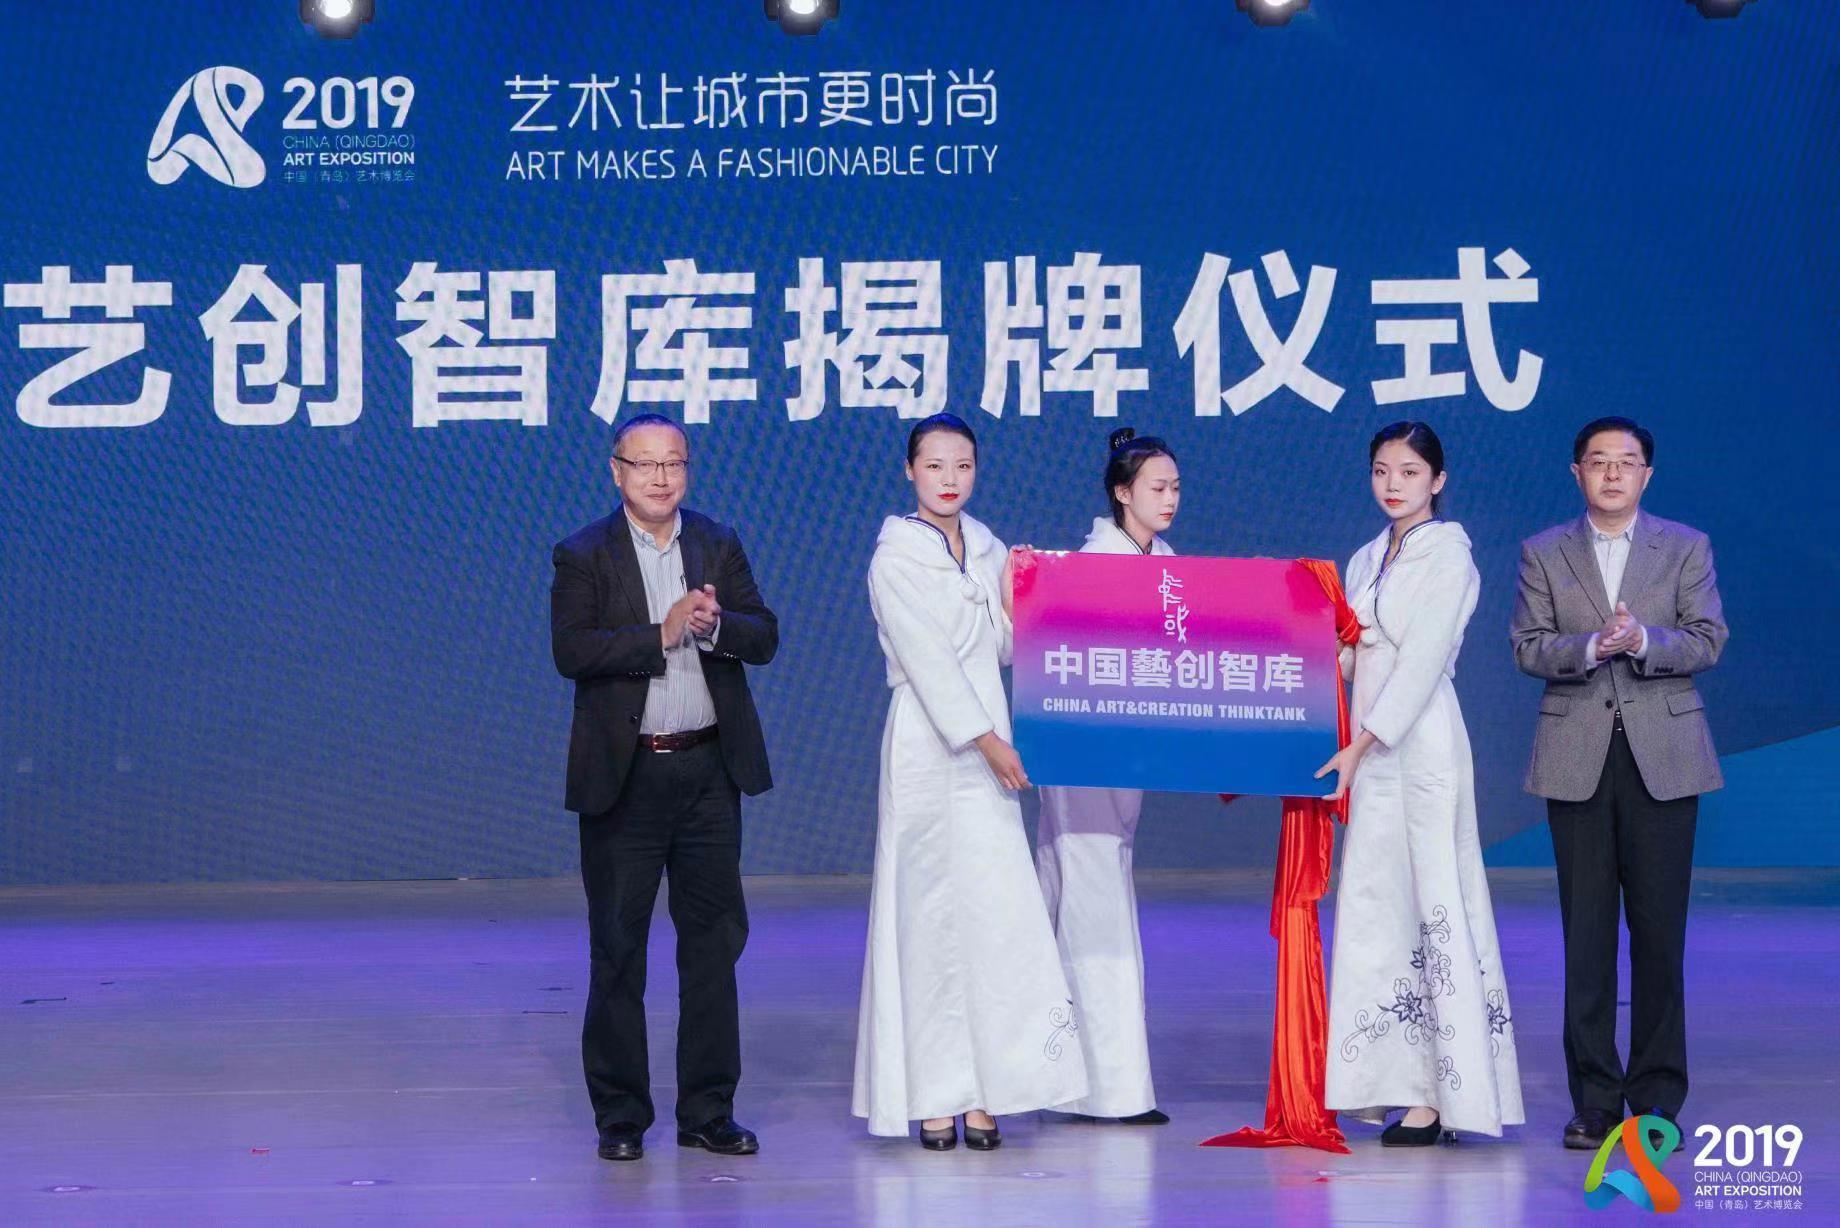 2019中国(青岛)艺术博览会闭幕圆满闭幕!《人民的正义》签约插图1